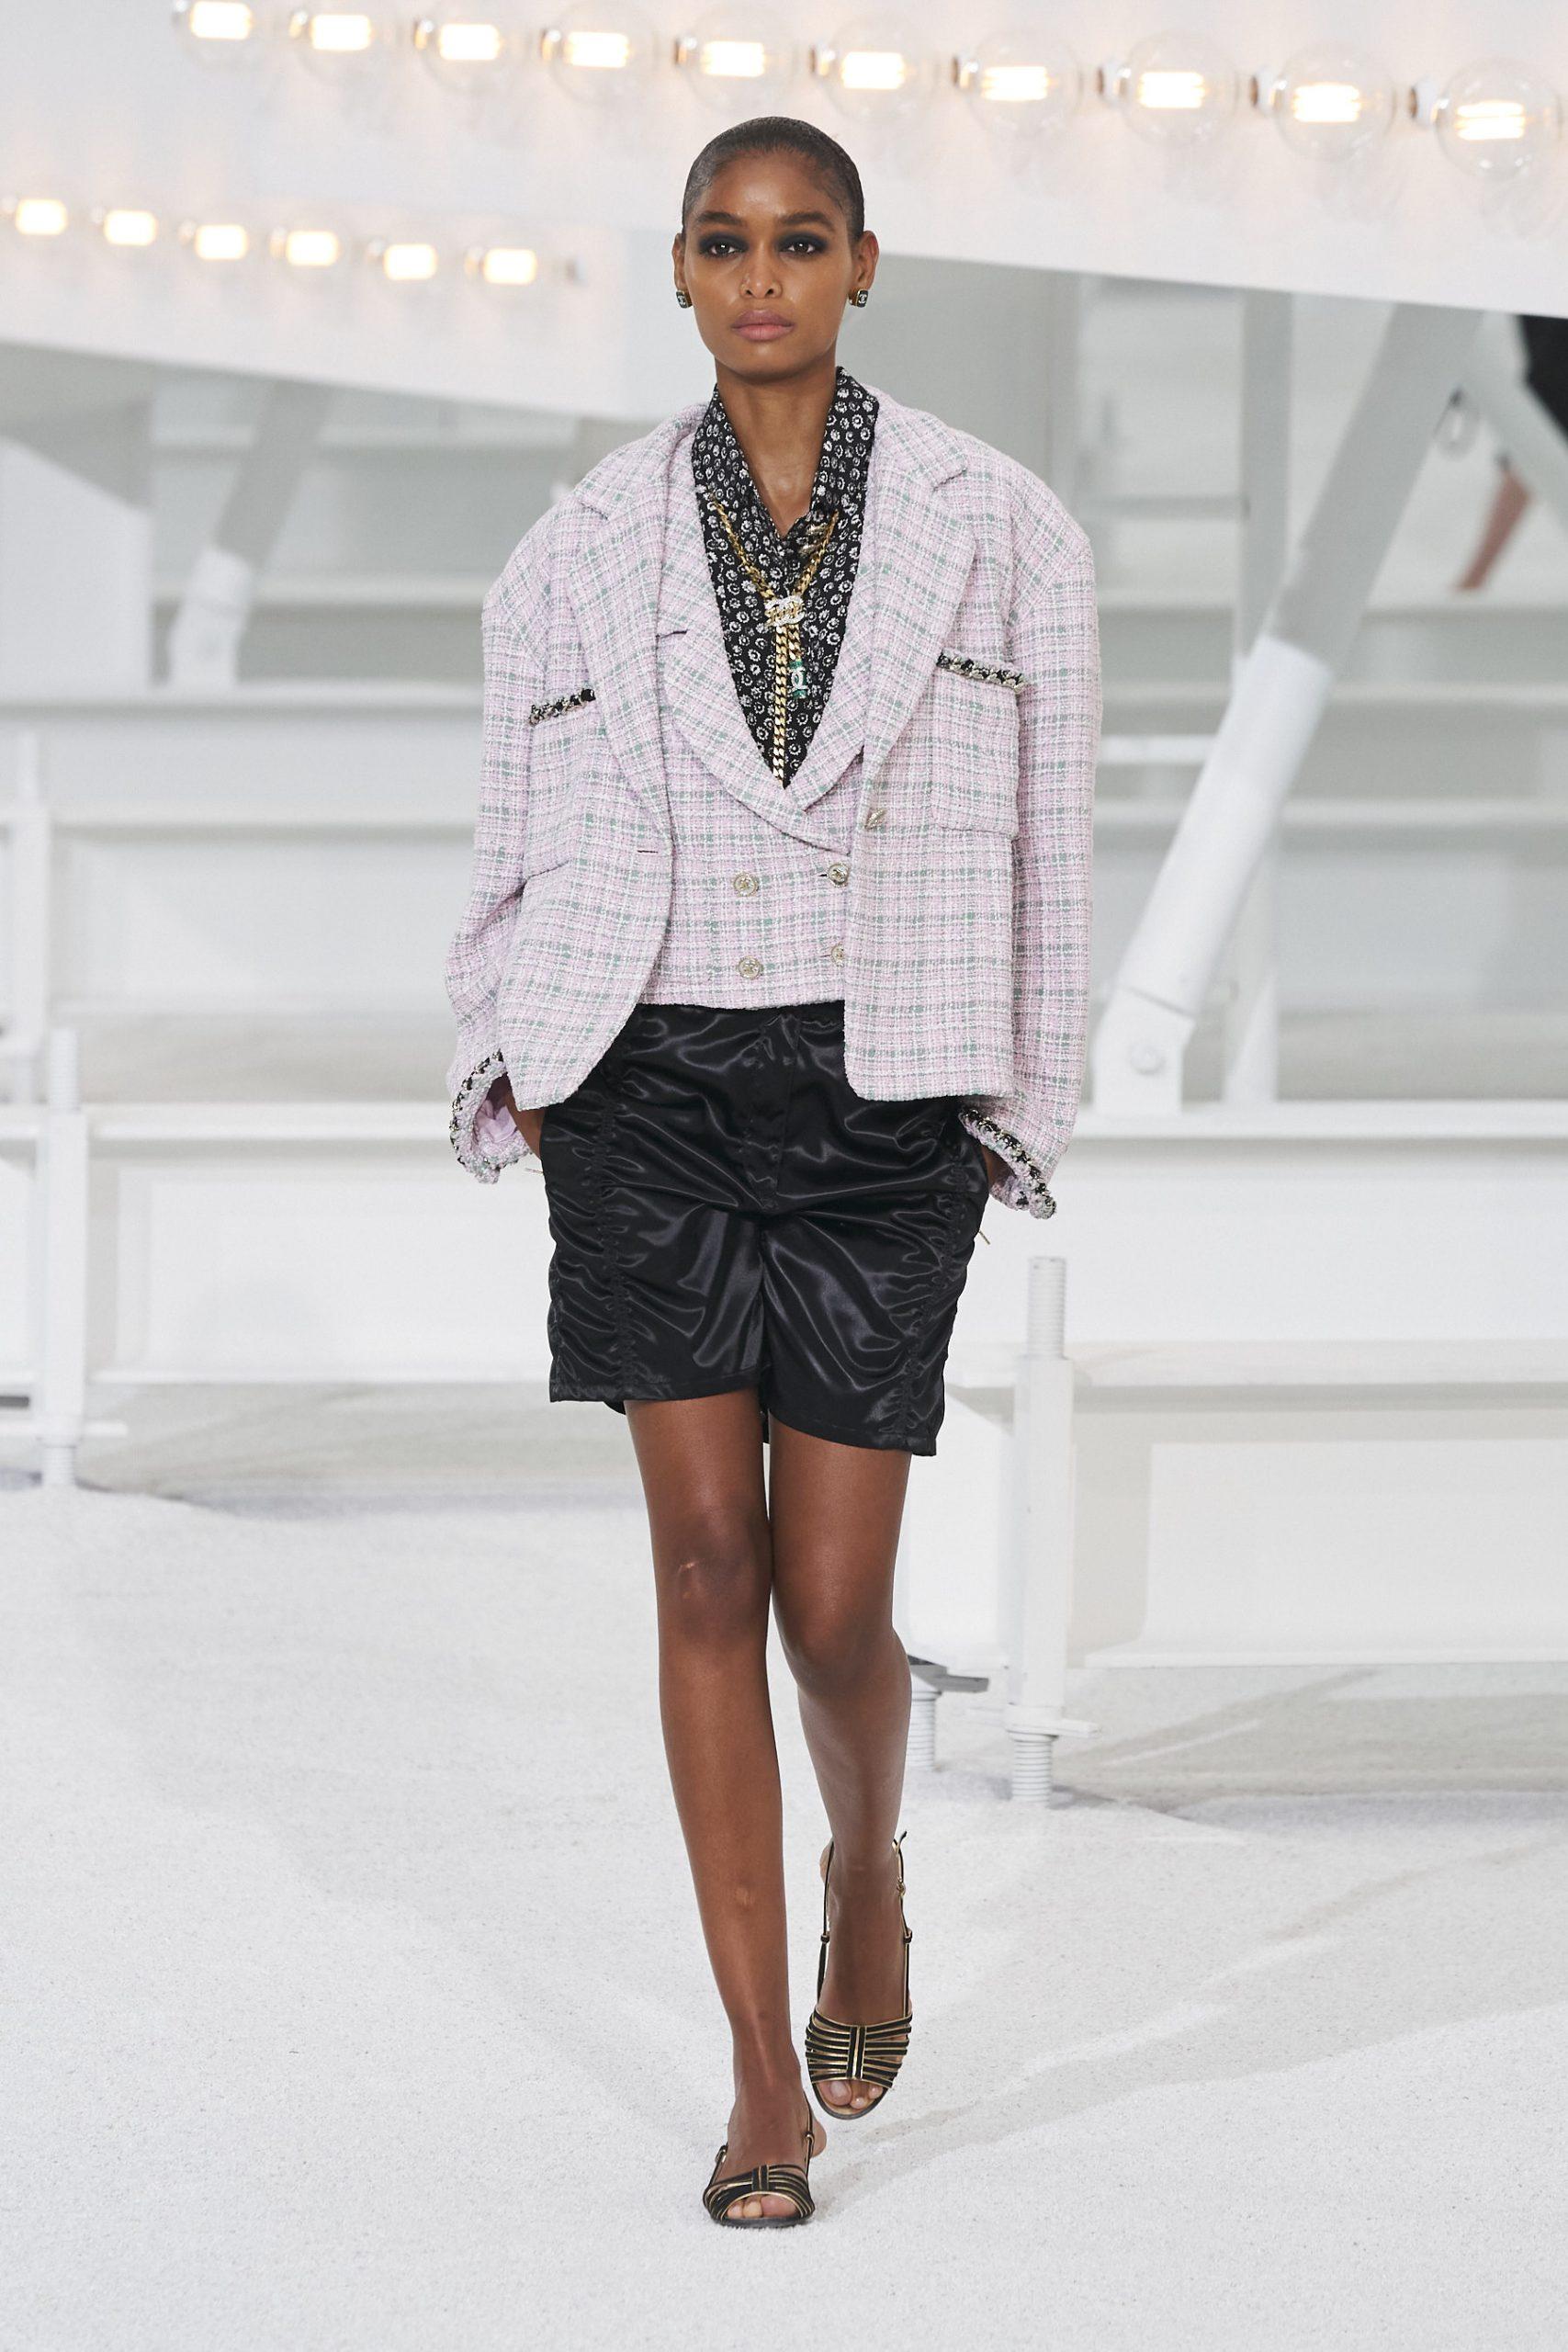 13. kép: Párizsi Divathét - Chanel - 2021 tavasz-nyár - ready to wear